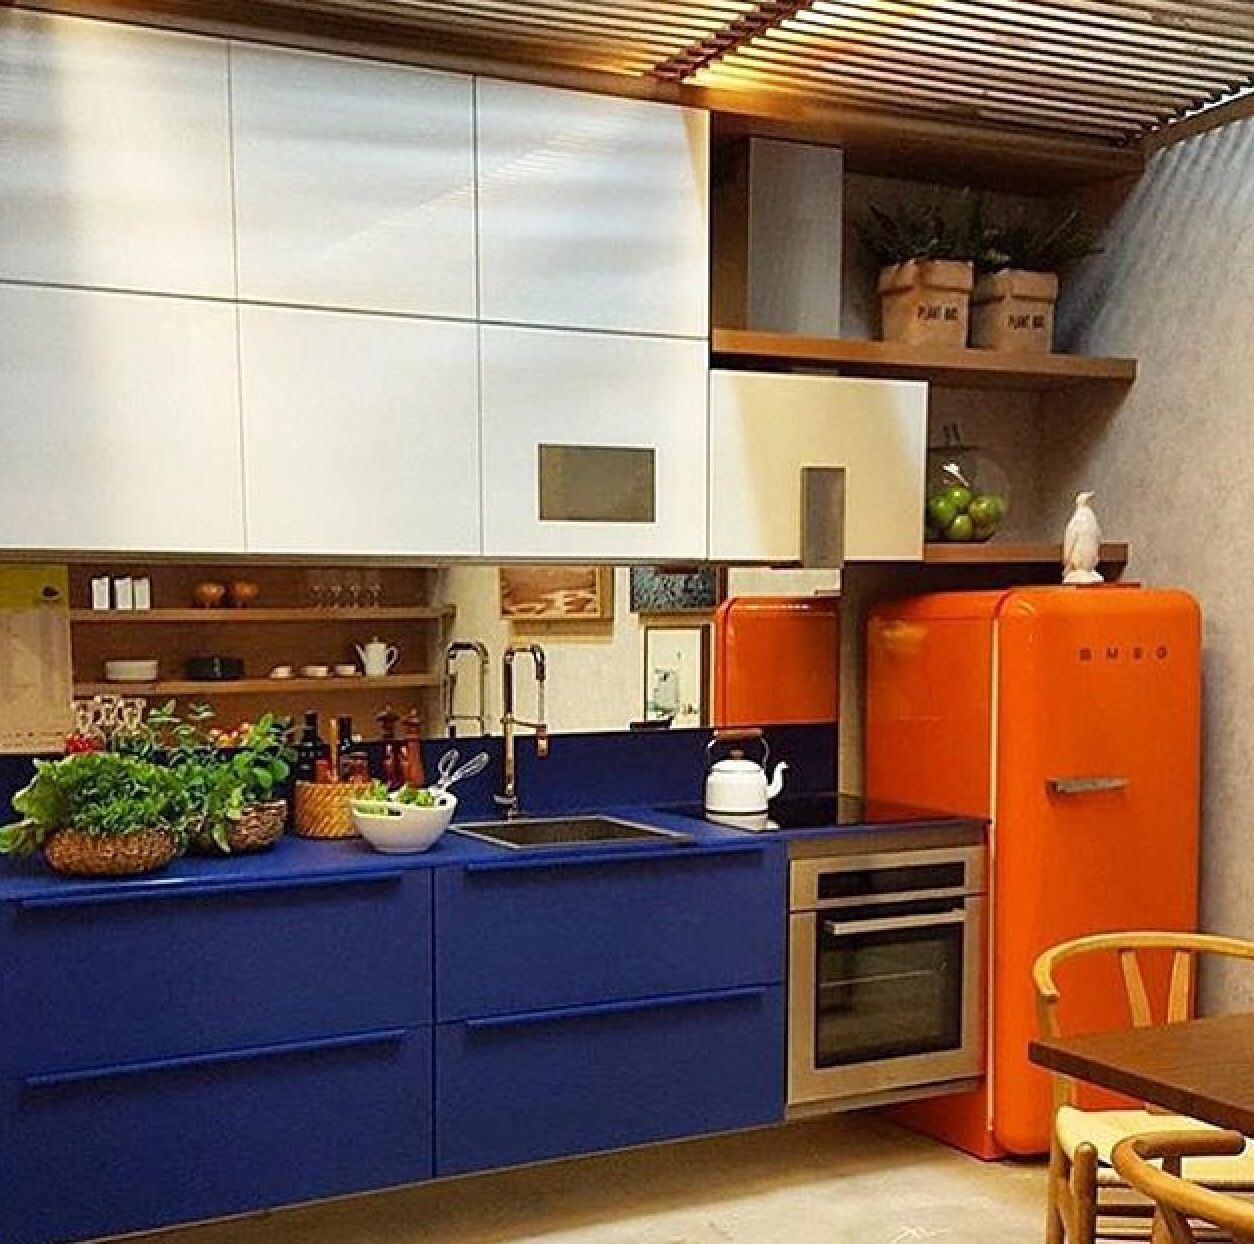 Cores fortes em alguns detalhes dão um charme especial nesta cozinha